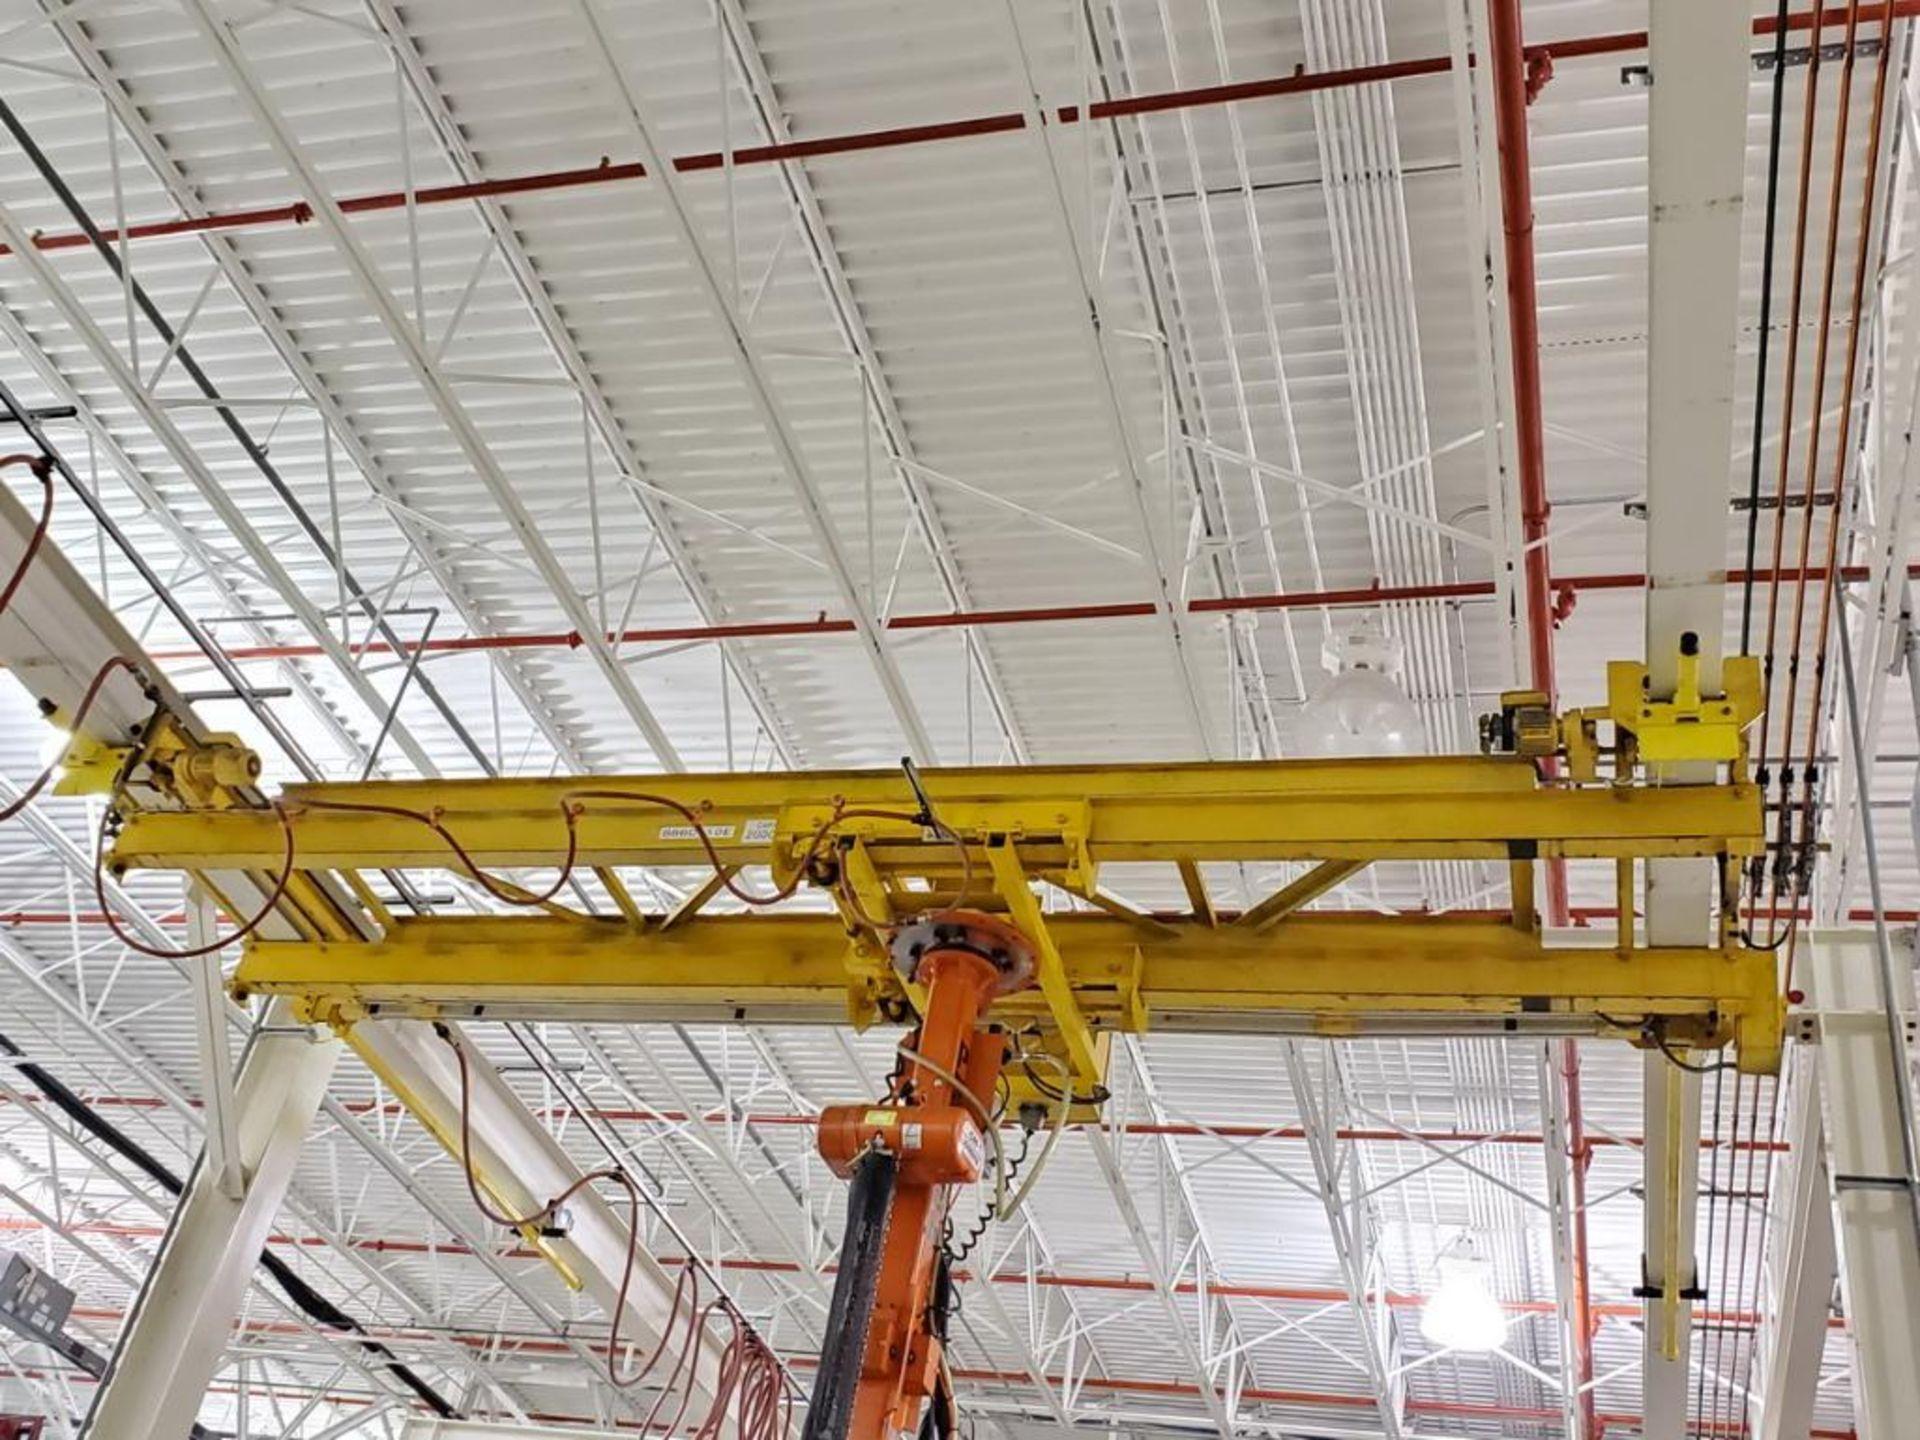 Lot 34 - T&M Equipment Co. Crane